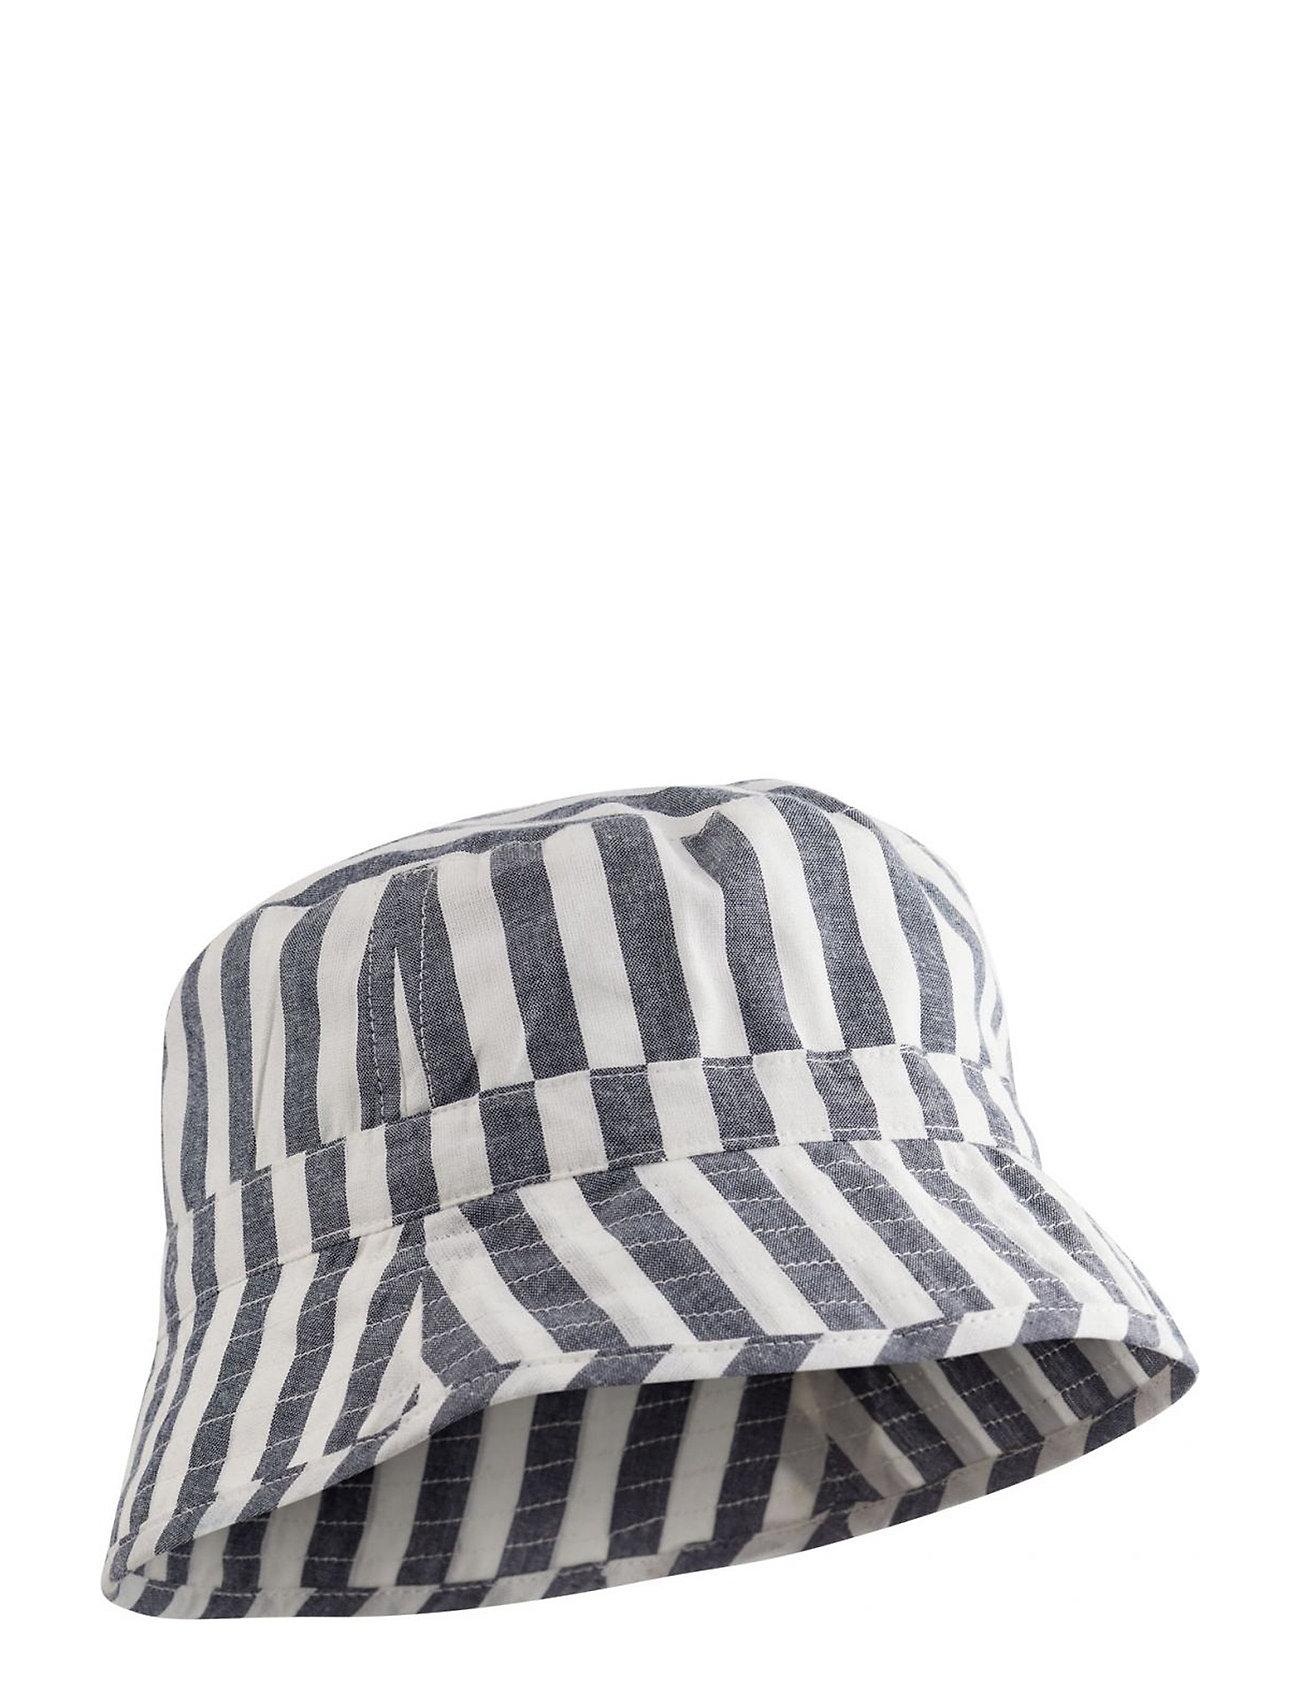 Image of Jack Bucket Hat (3158636481)